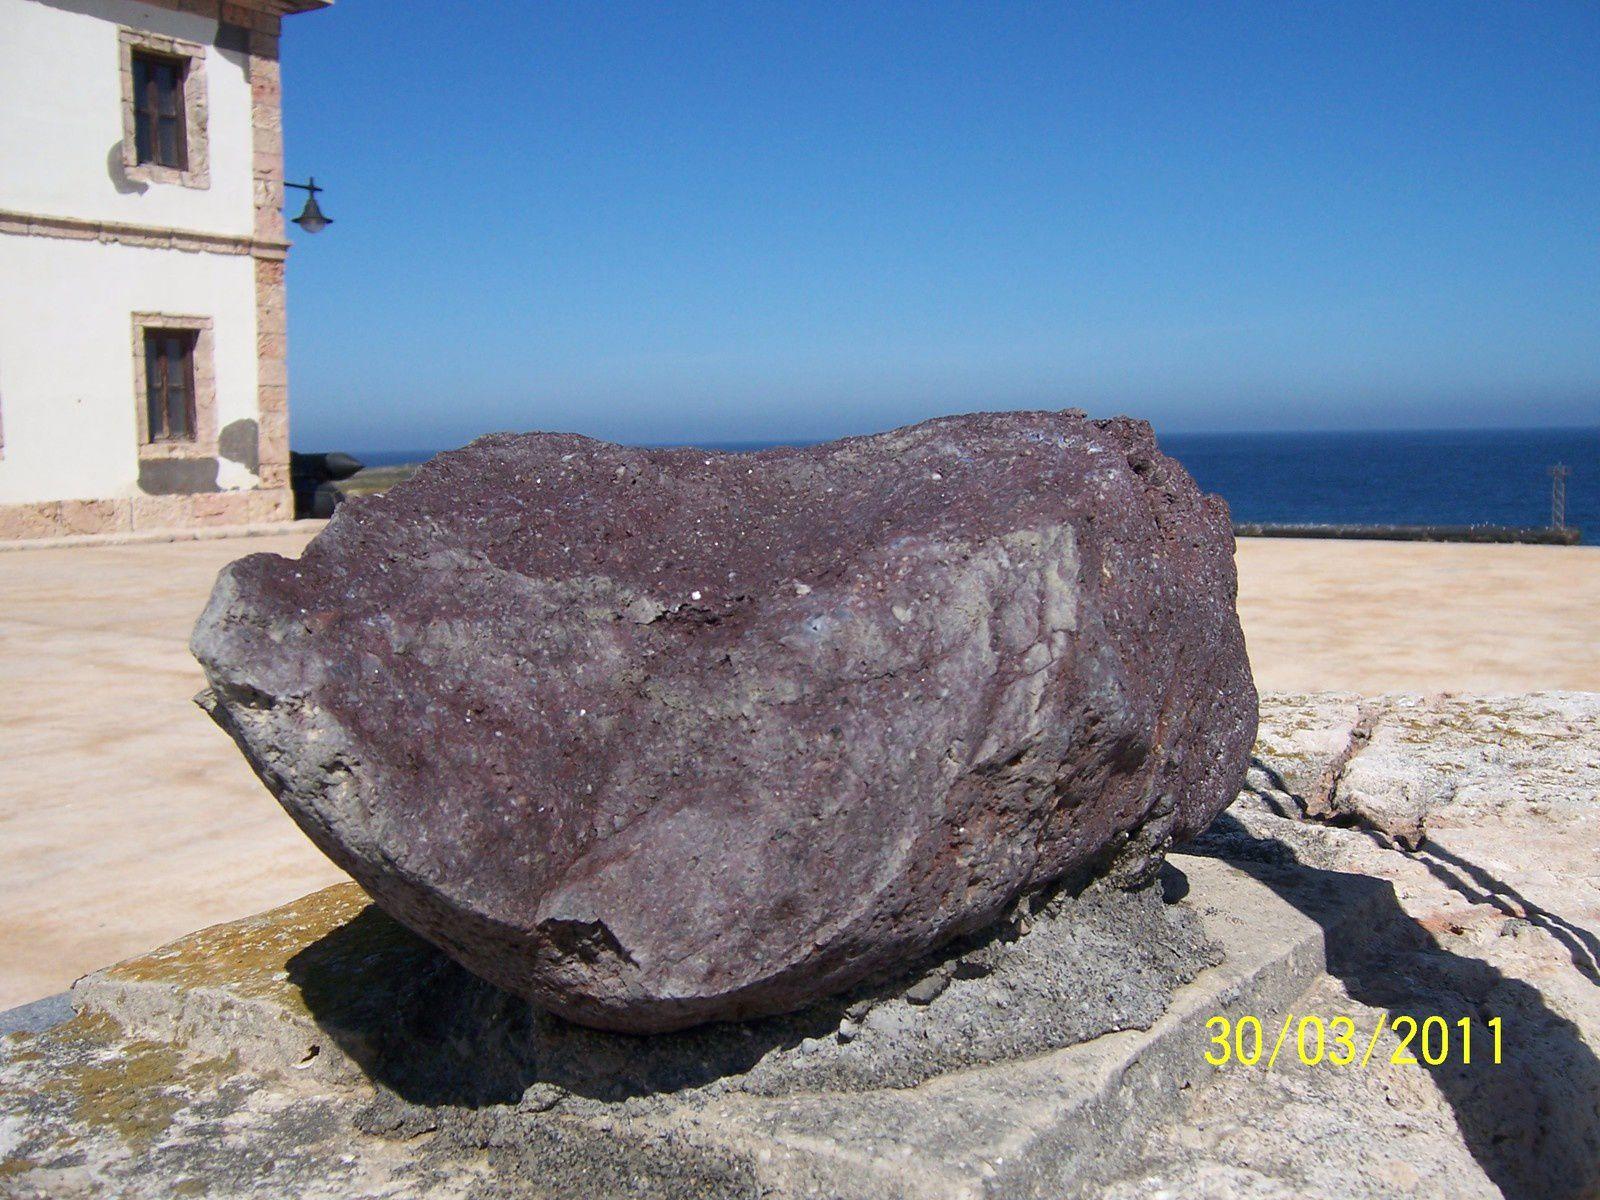 L'île Alborán - blocs d'andésite ou de basalto-andésite visibles dans les sections de la falaises - Photo: D. Moreno.